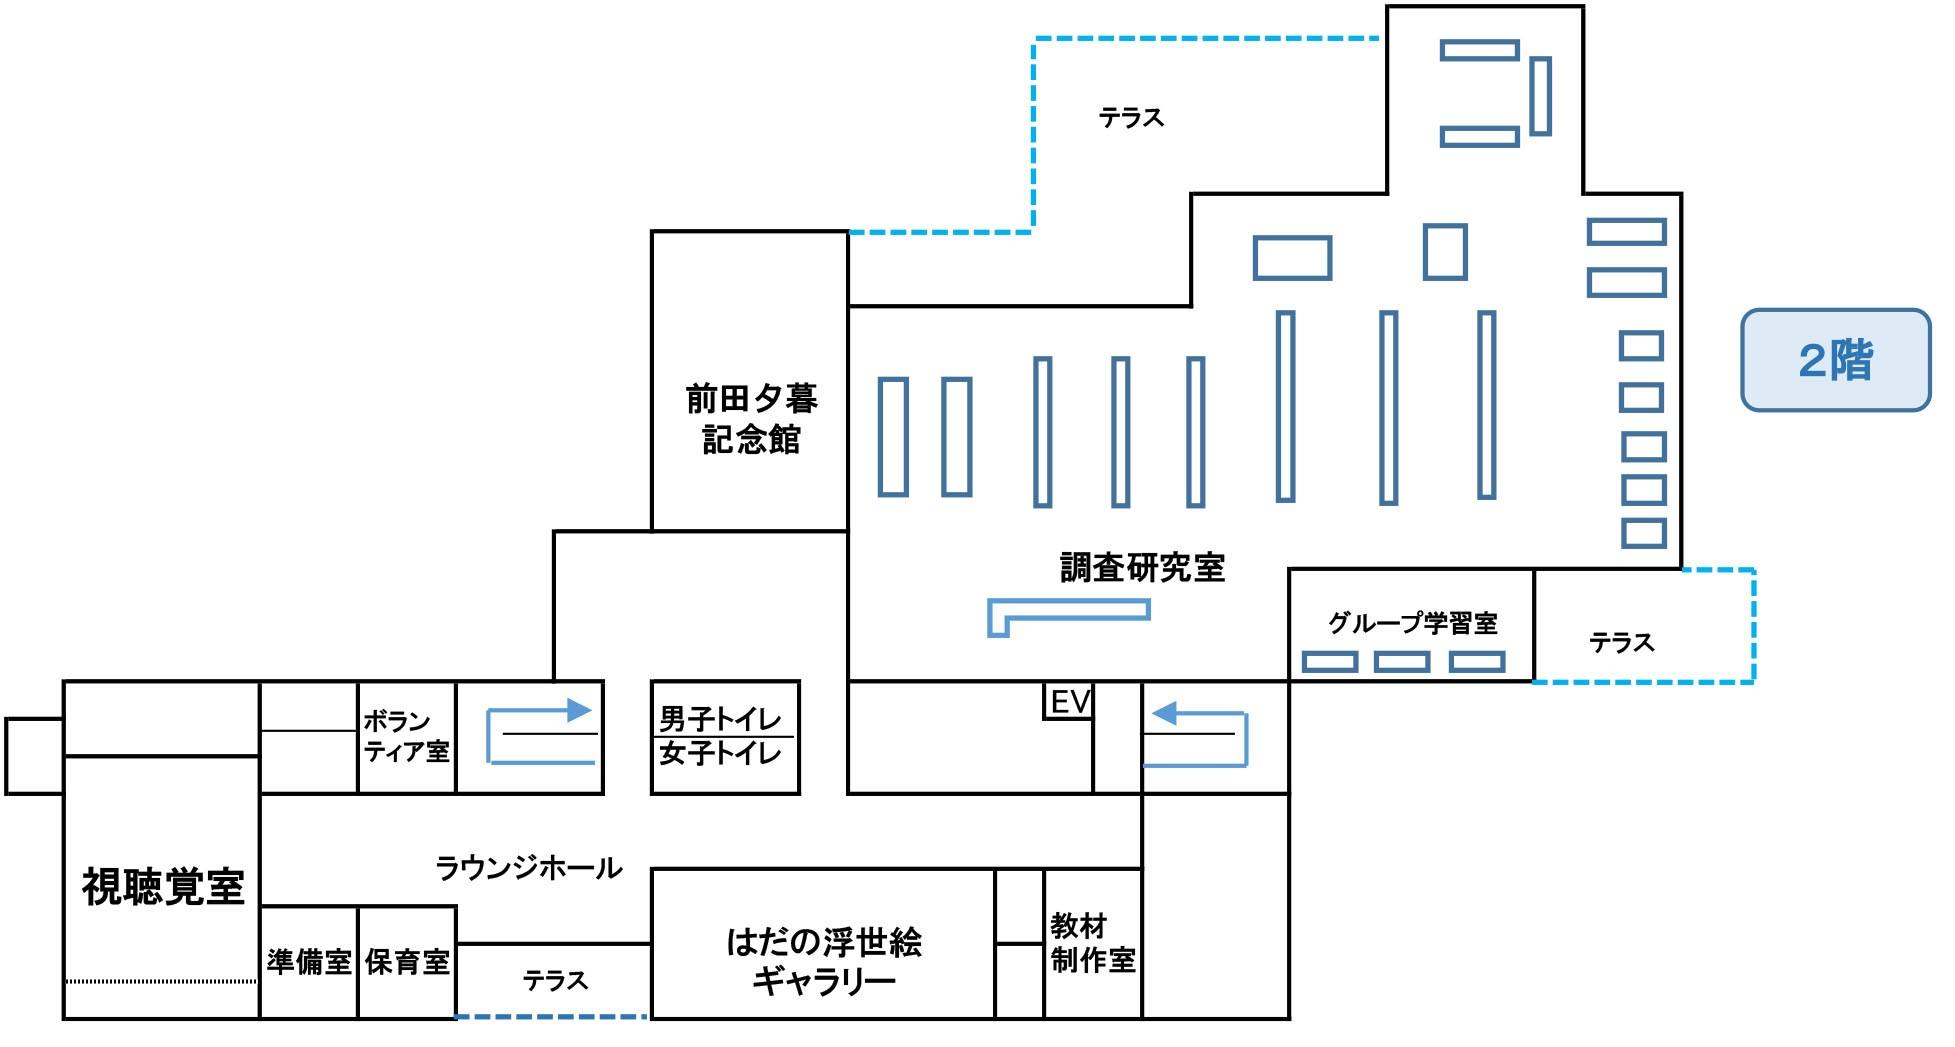 秦野市立図書館2階の平面図の画像